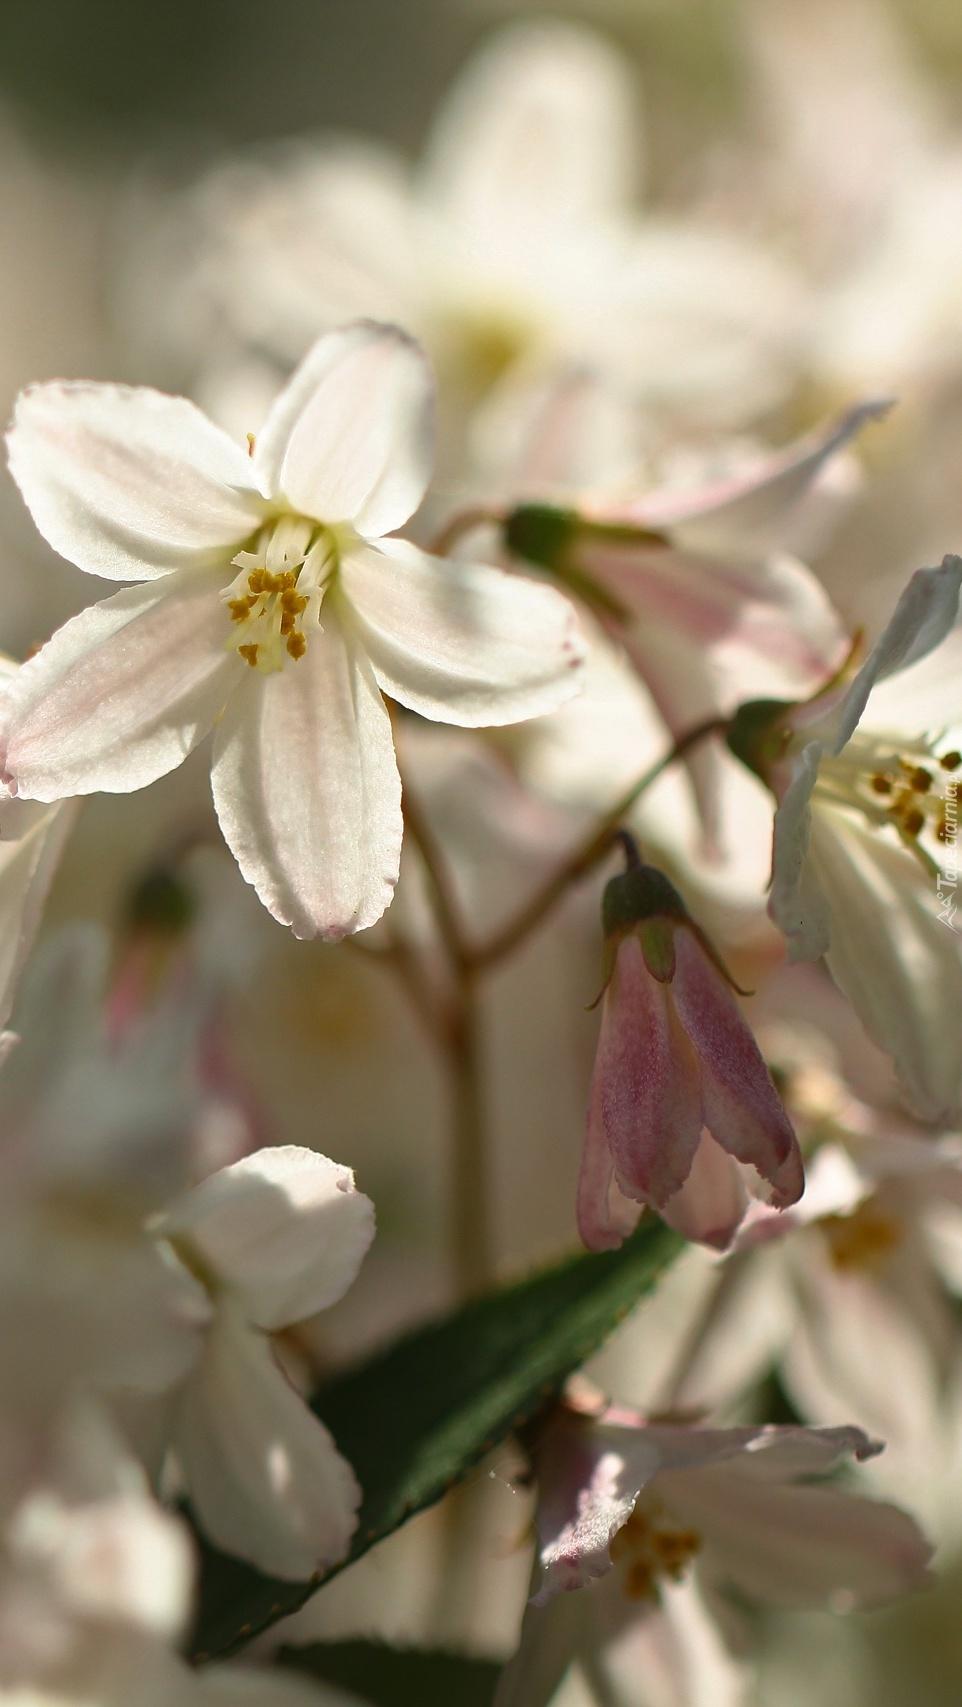 Białe kwiaty krzewu